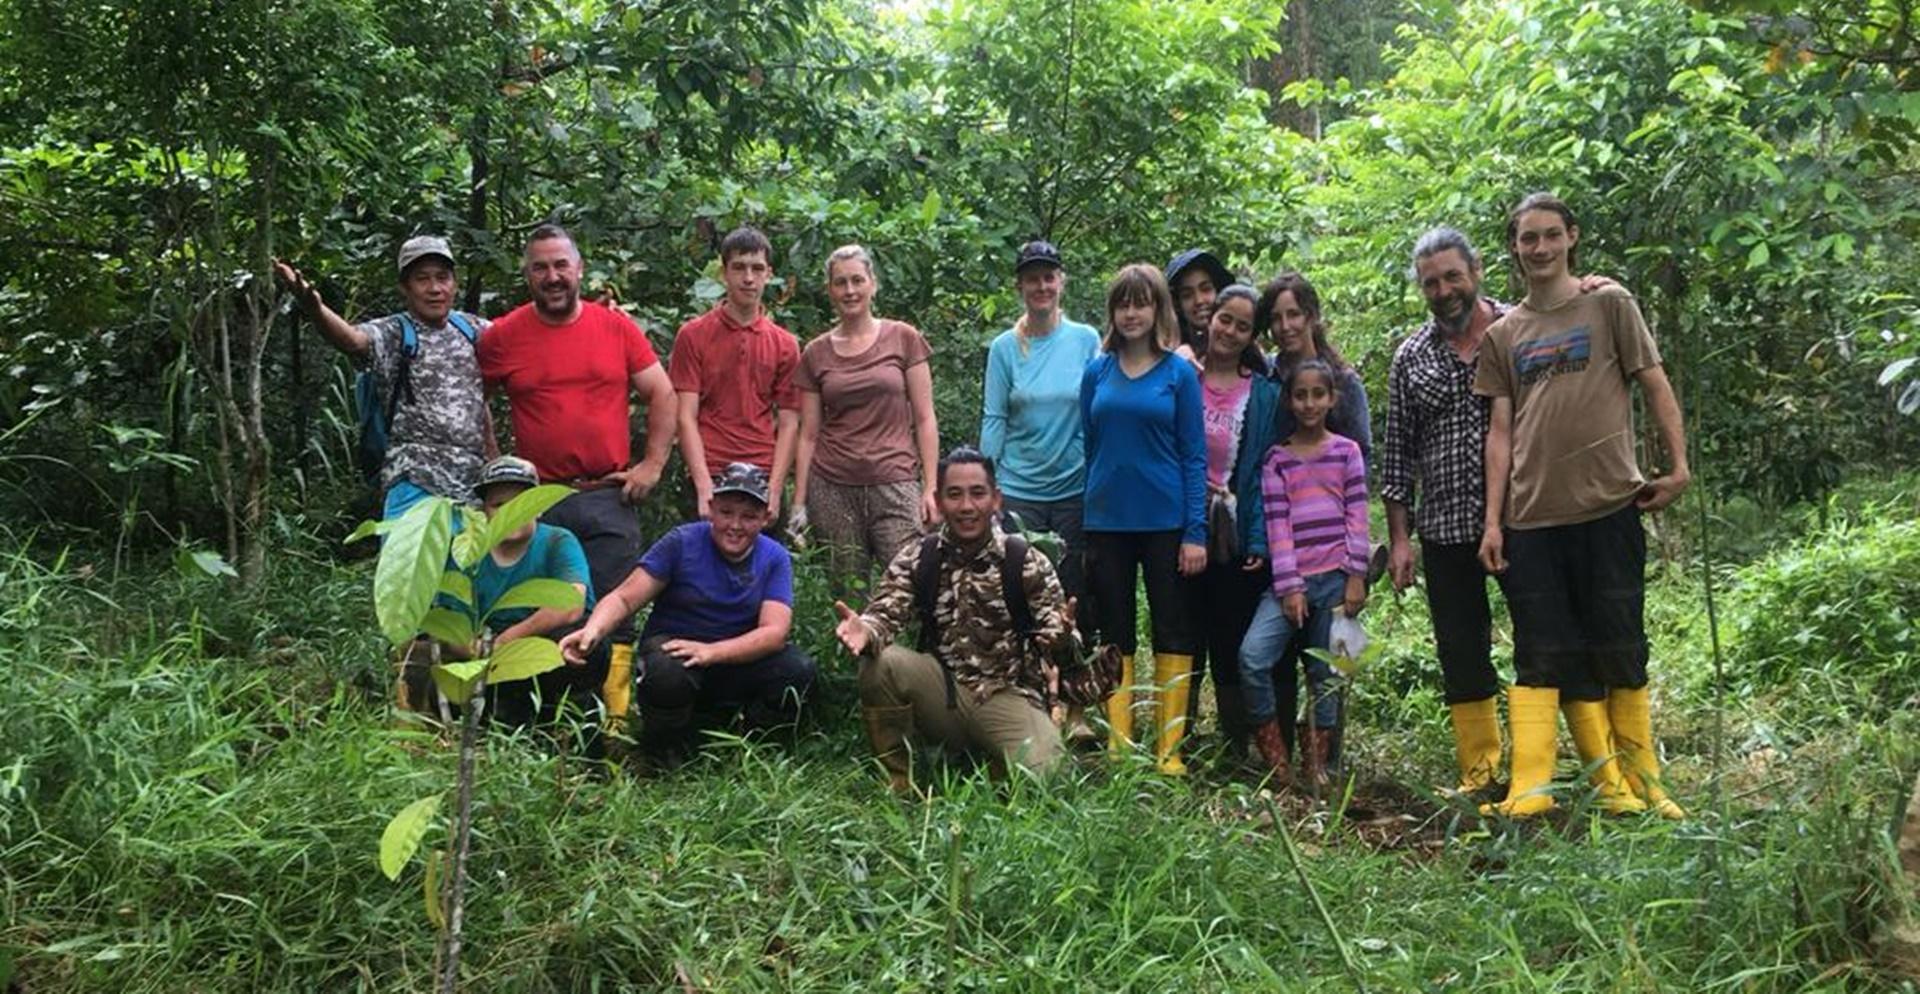 Programas de Voluntariado Familiar no Exterior